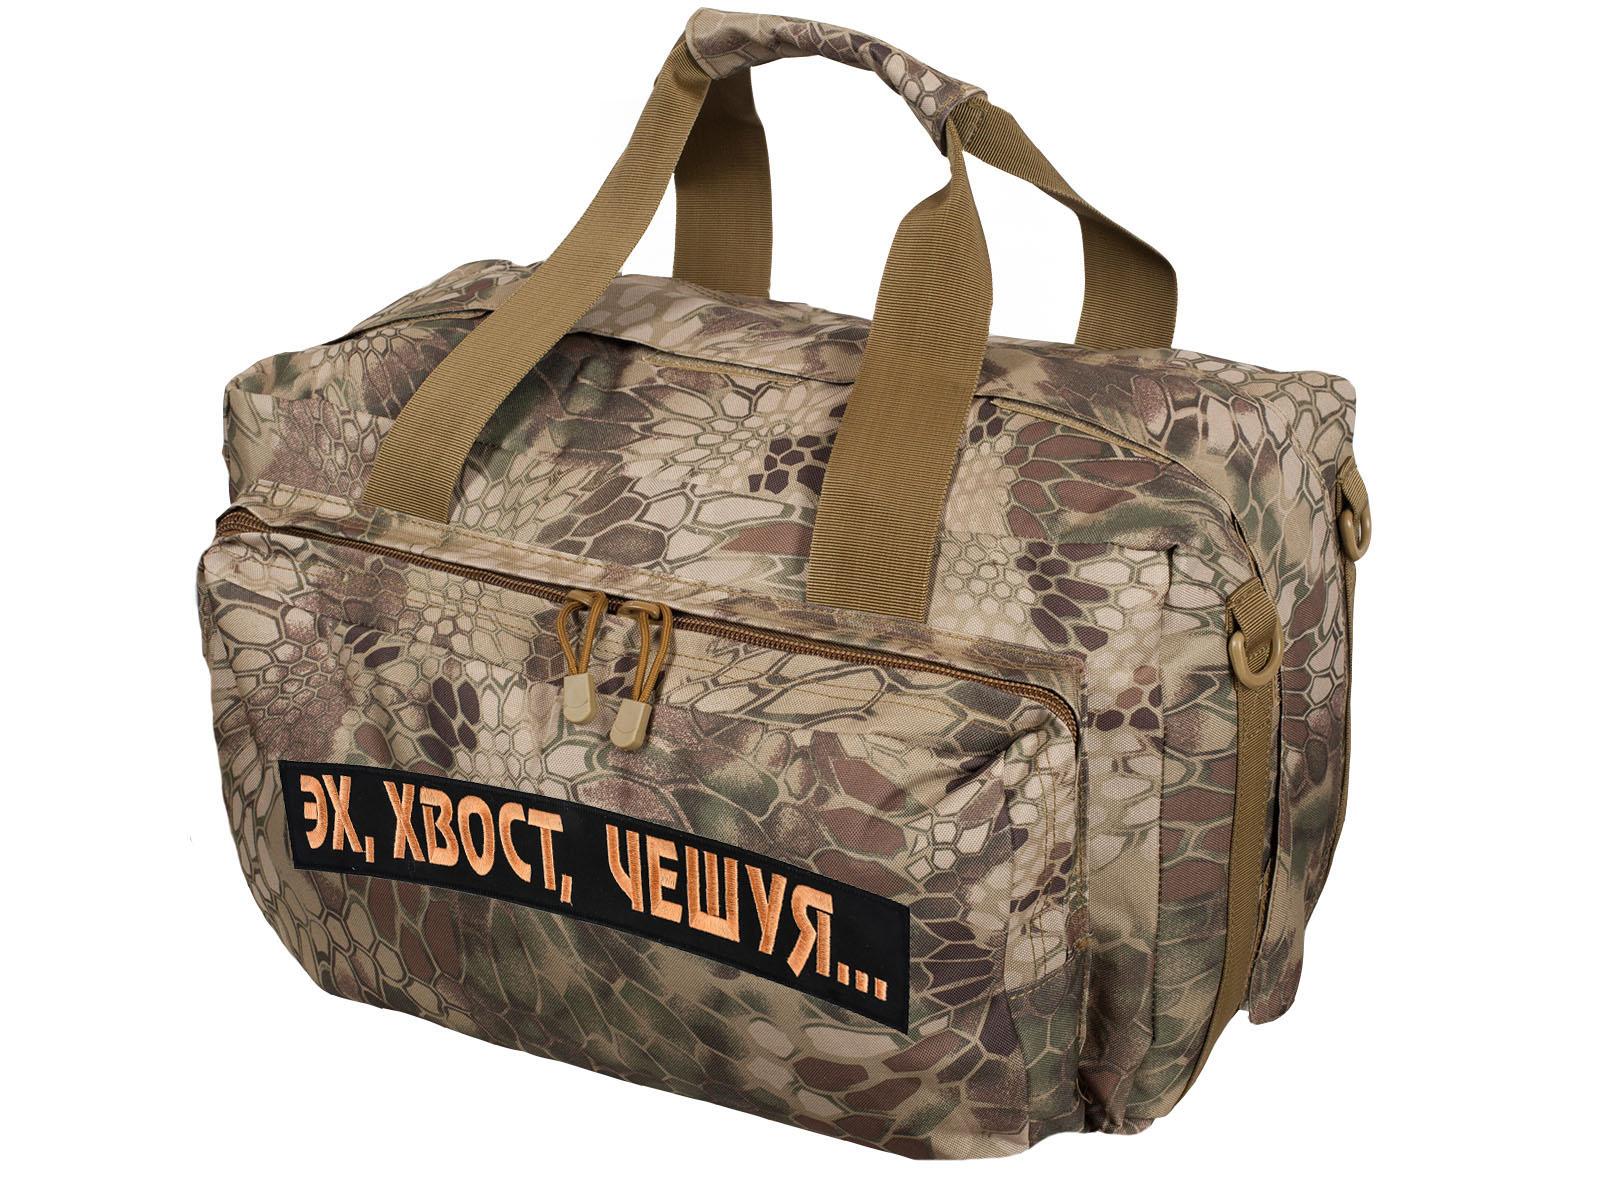 Заплечная тактическая сумка Эх, Хвост, Чешуя - купить выгодно